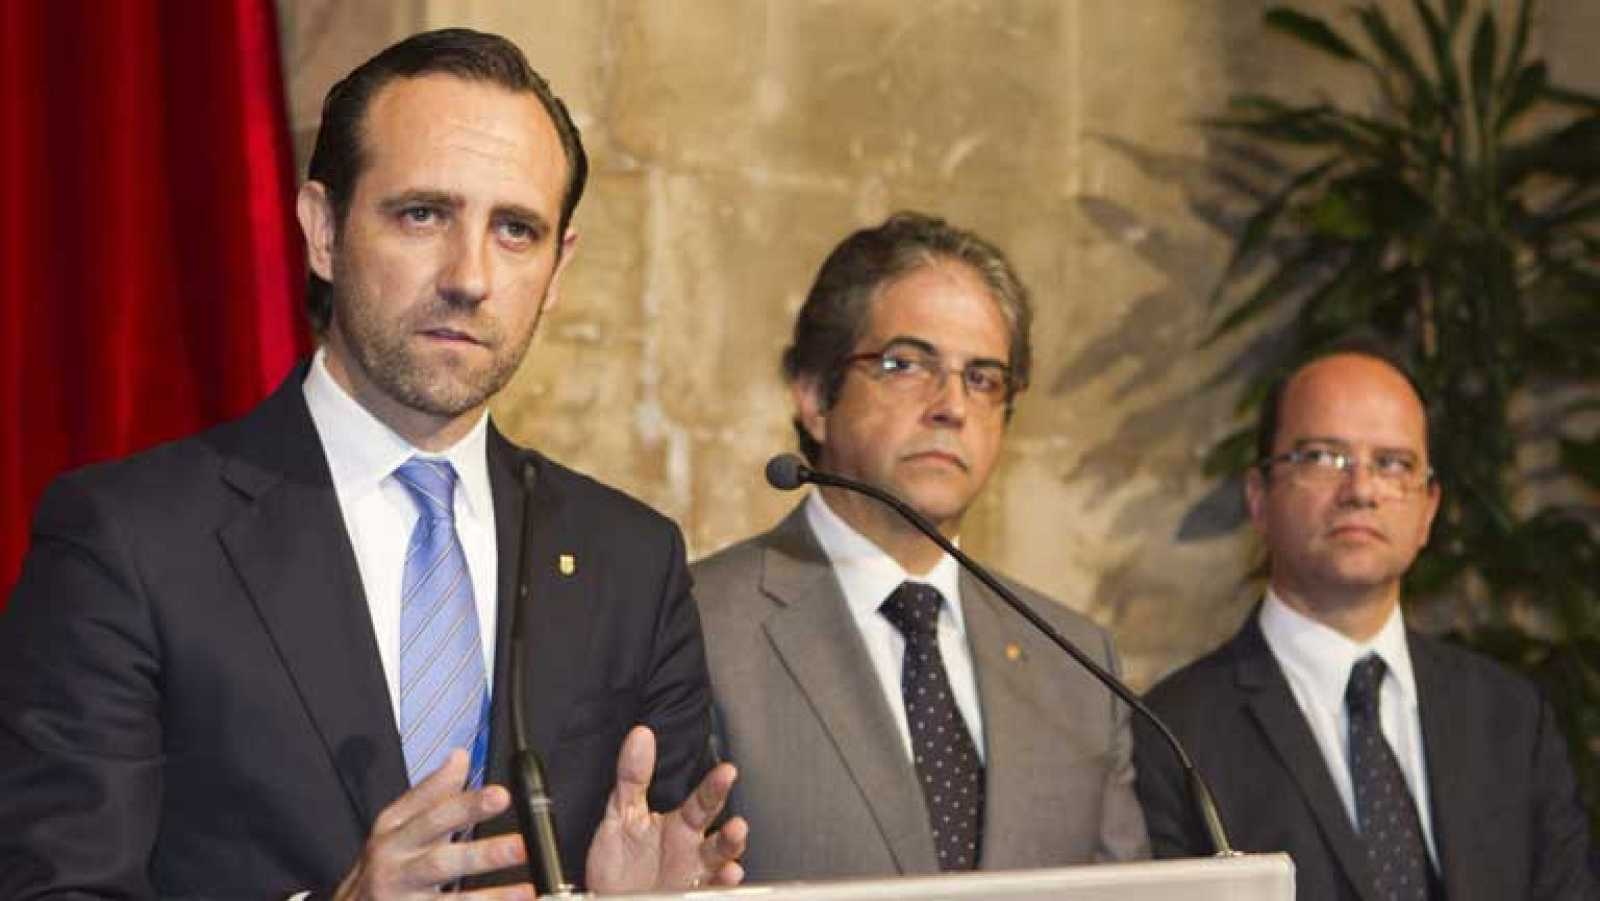 El gobierno de Baleares cumple la Ley de Estabilidad a costa de la sanidad y la educación